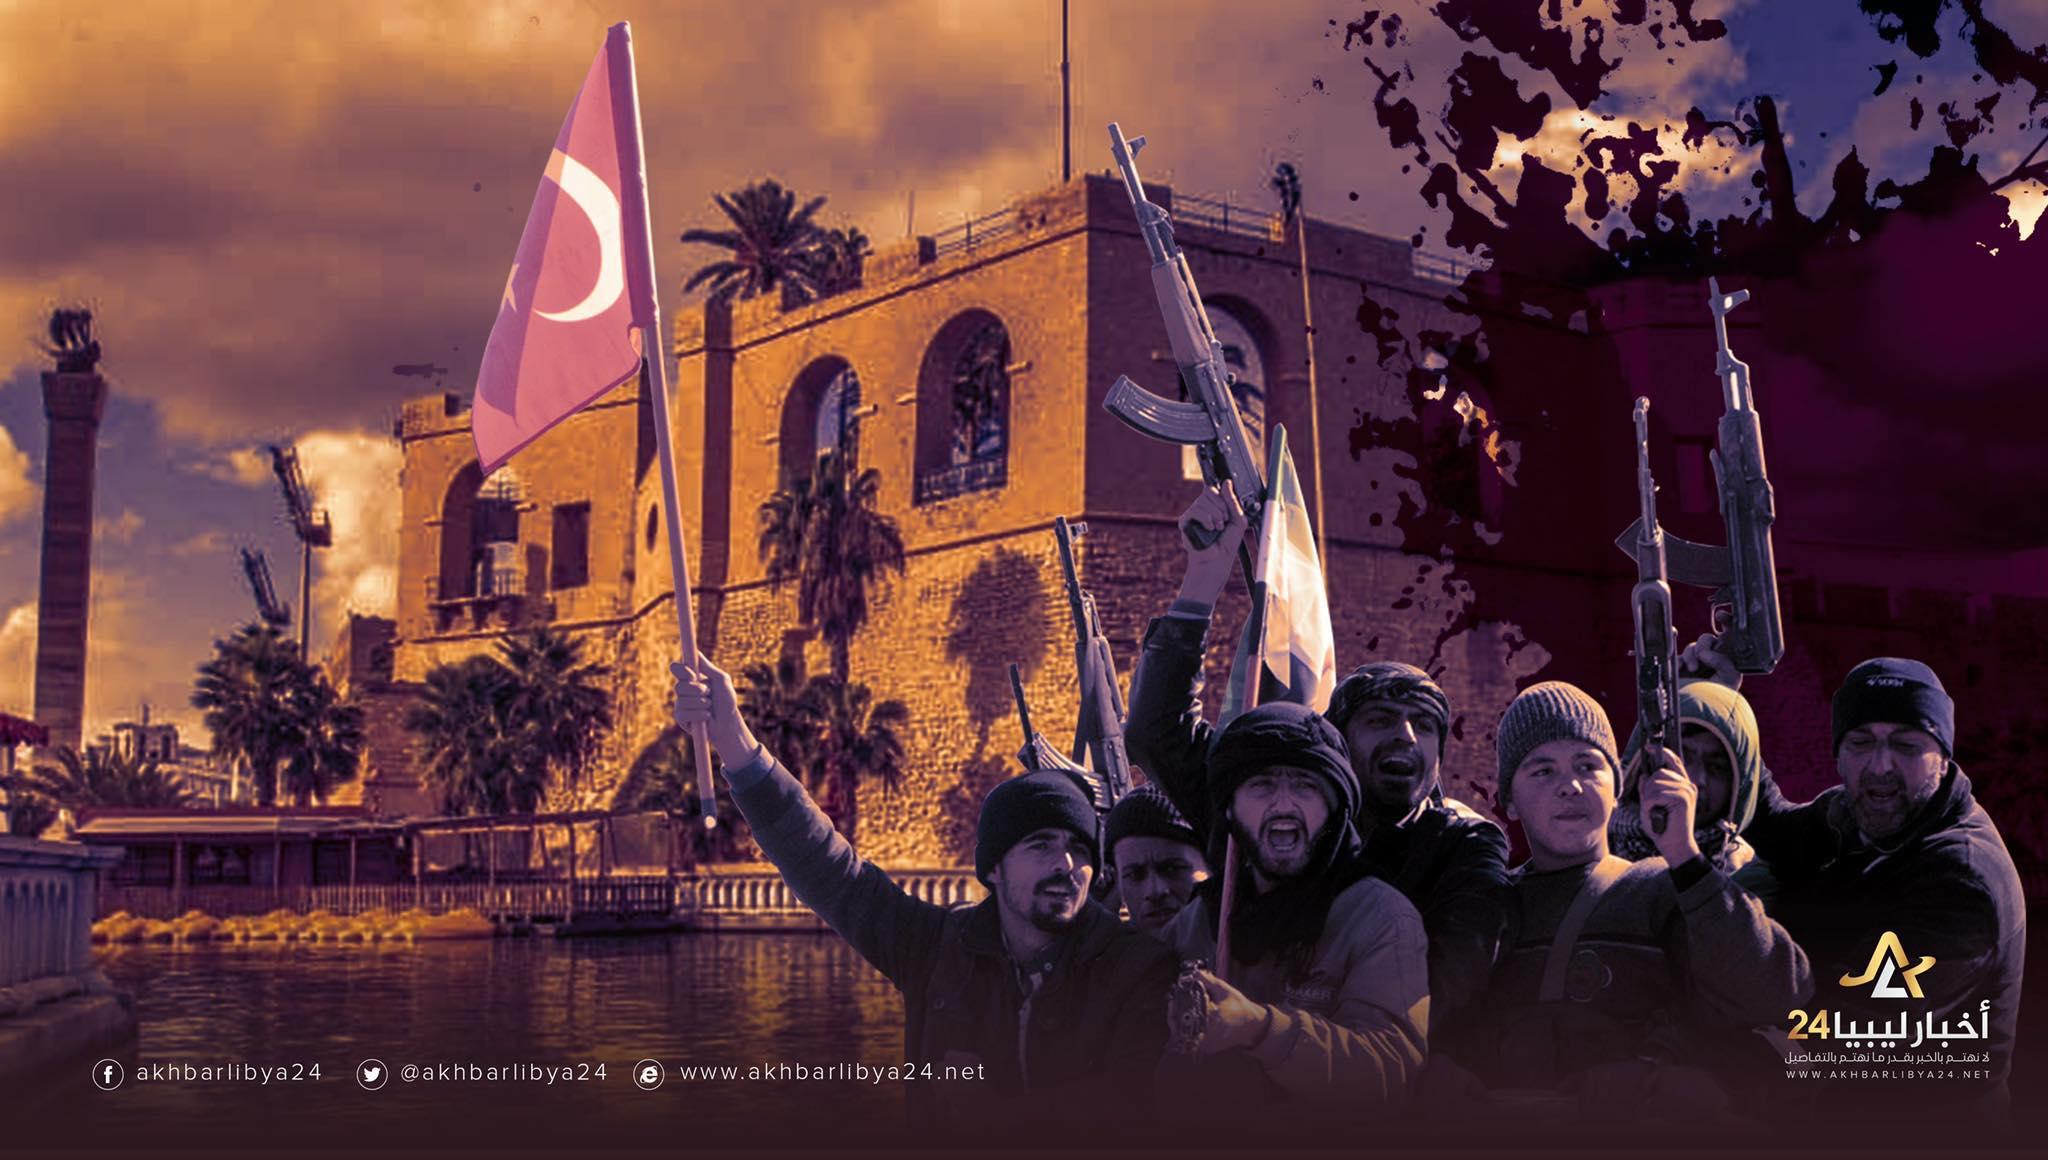 صورة بسبب التدخل التركي.. ليبيا على حافة صراعات دولية محفوفة بمخاطر إرهابية